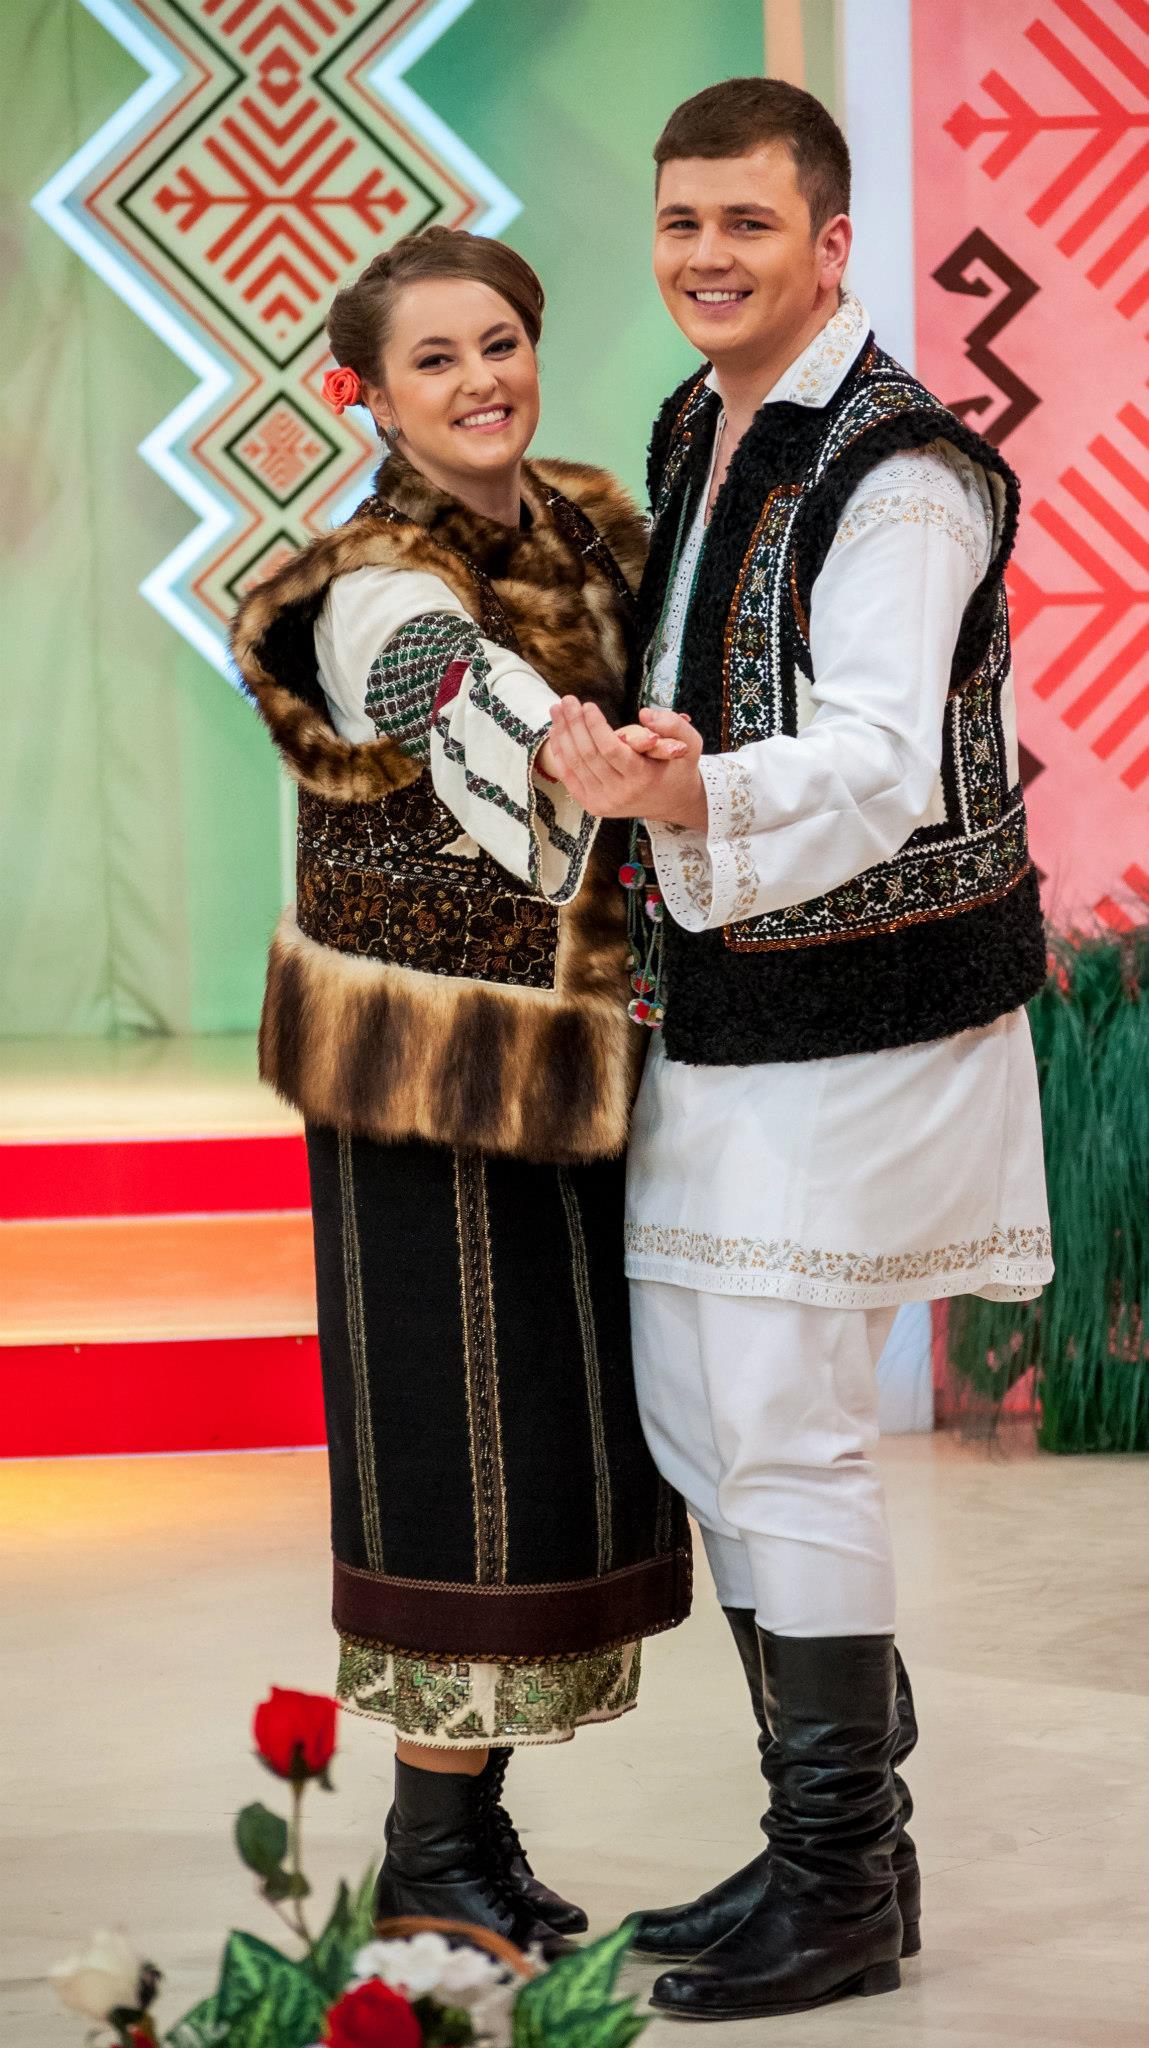 Cu ANDREEA HAISAN, colega de cantec de la Suceava